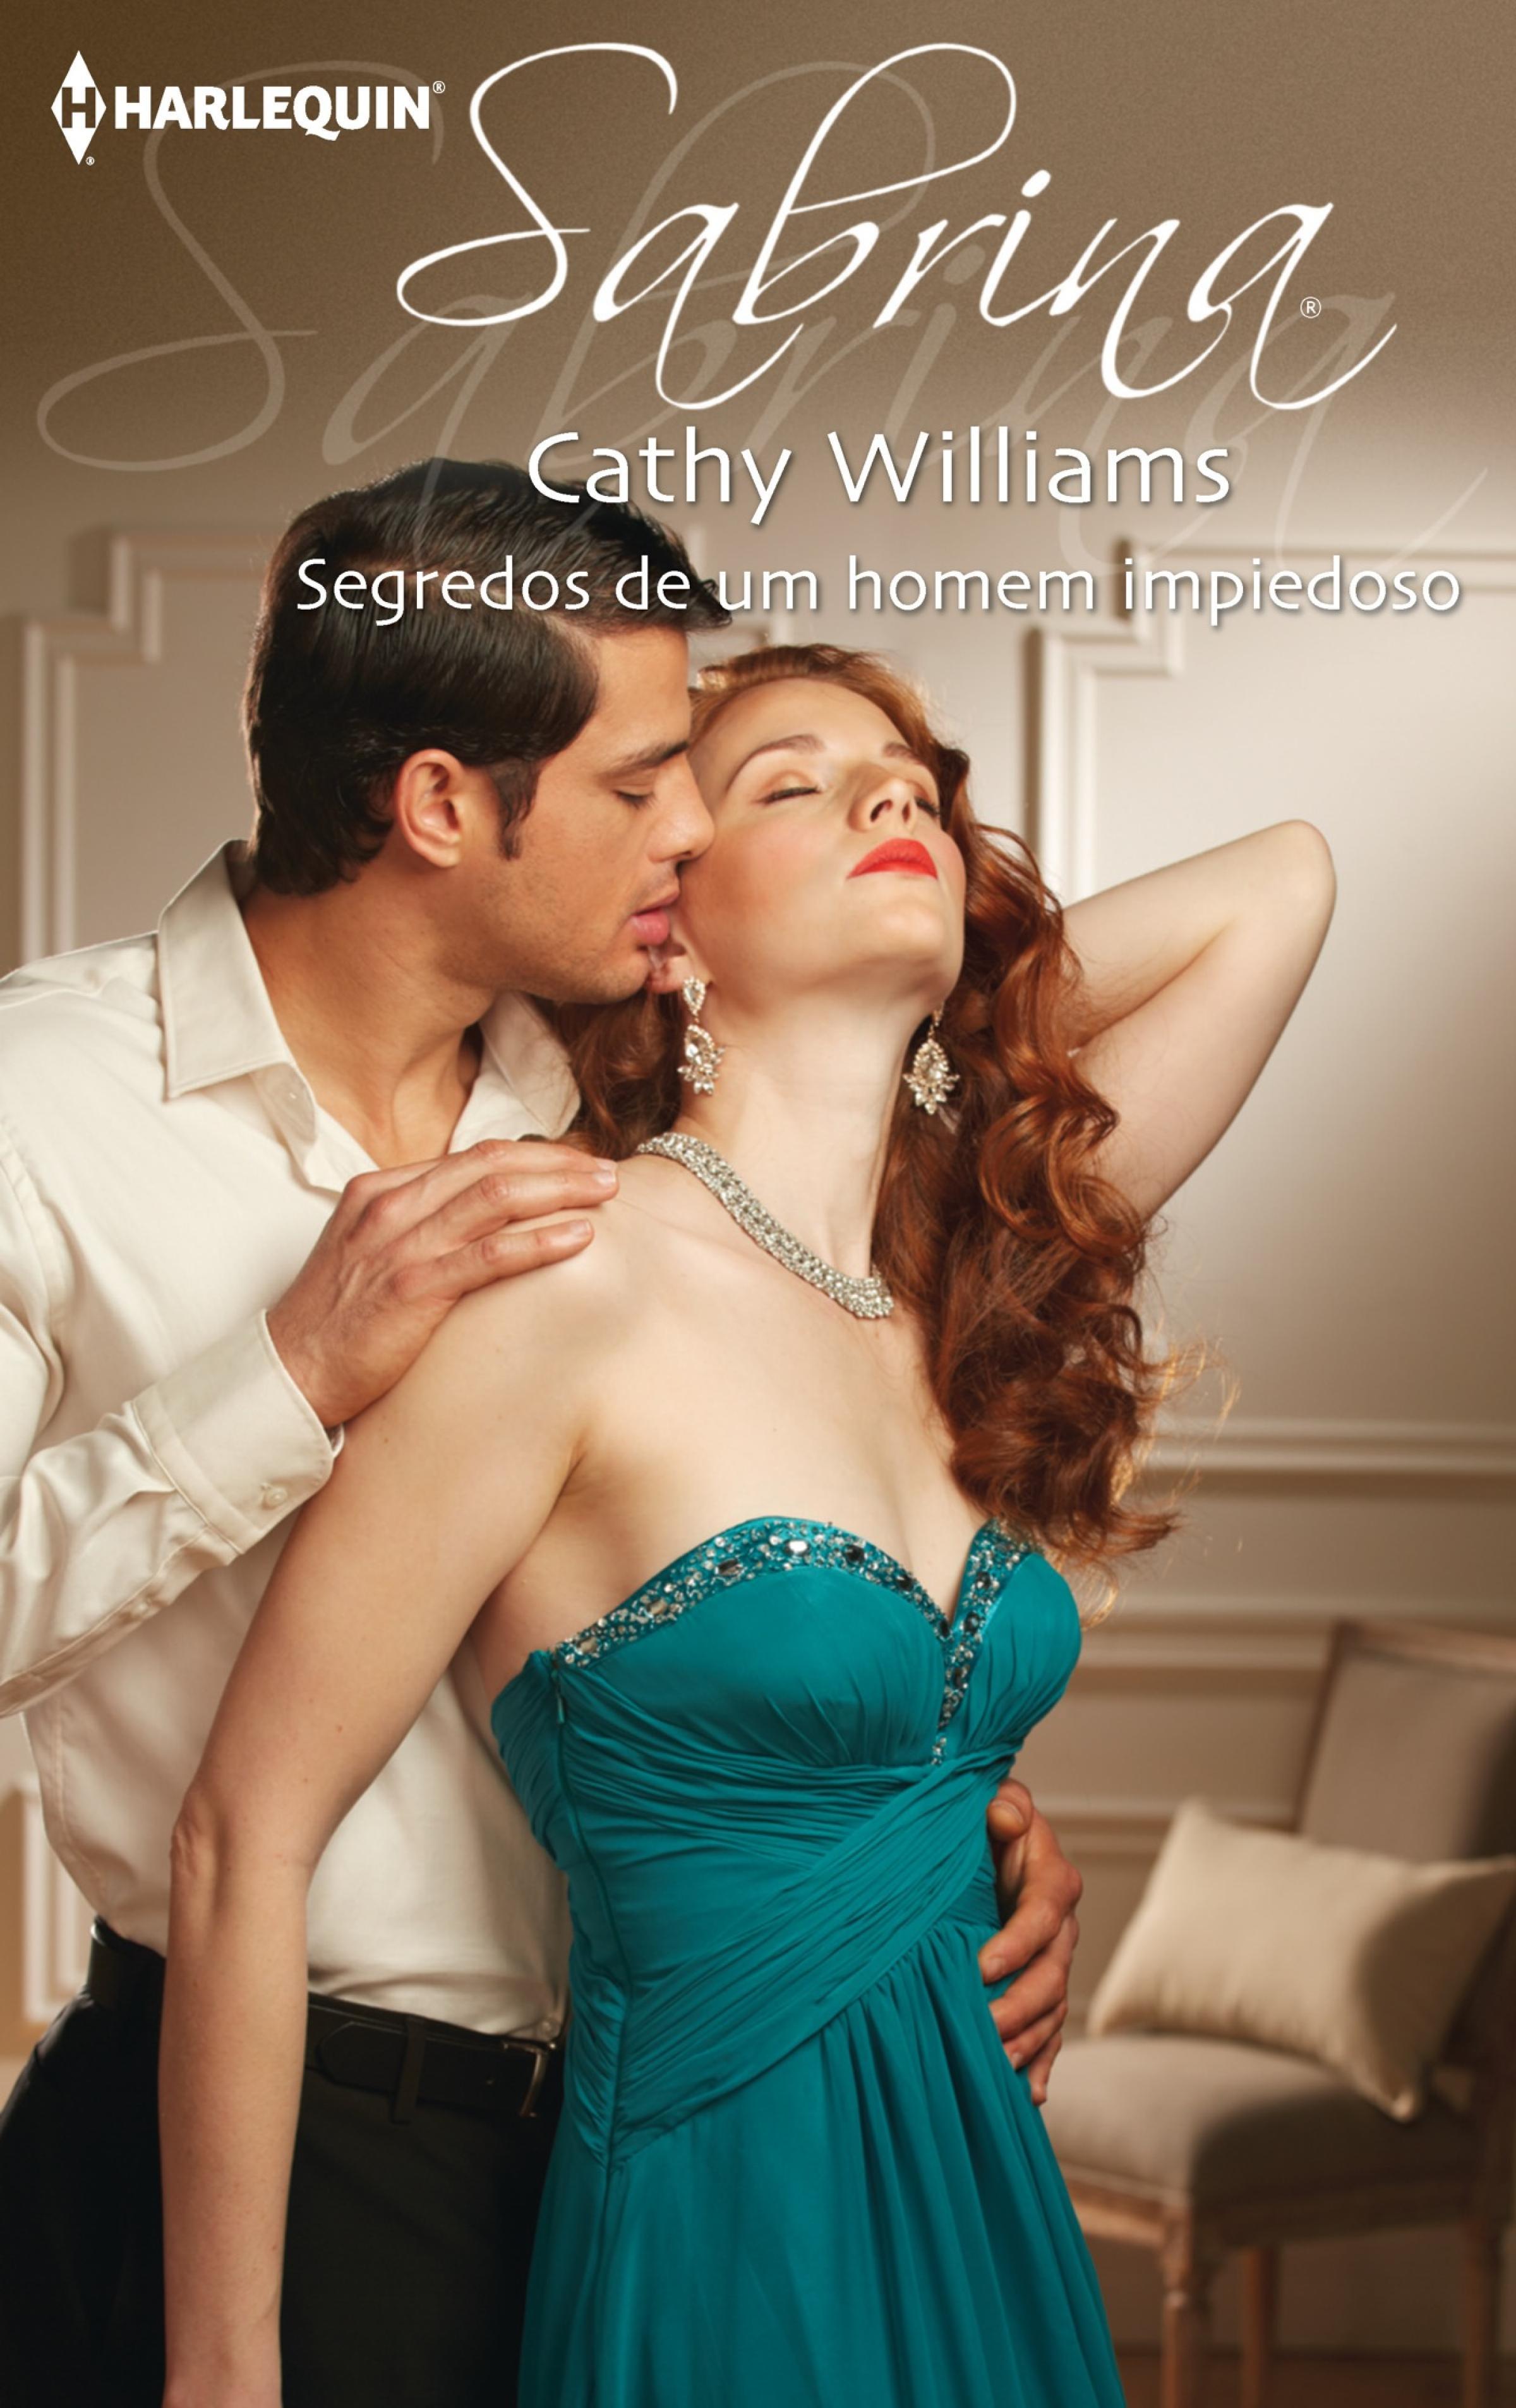 CATHY WILLIAMS Segredos de um homem impiedoso anne marie winston um homem e um bebé